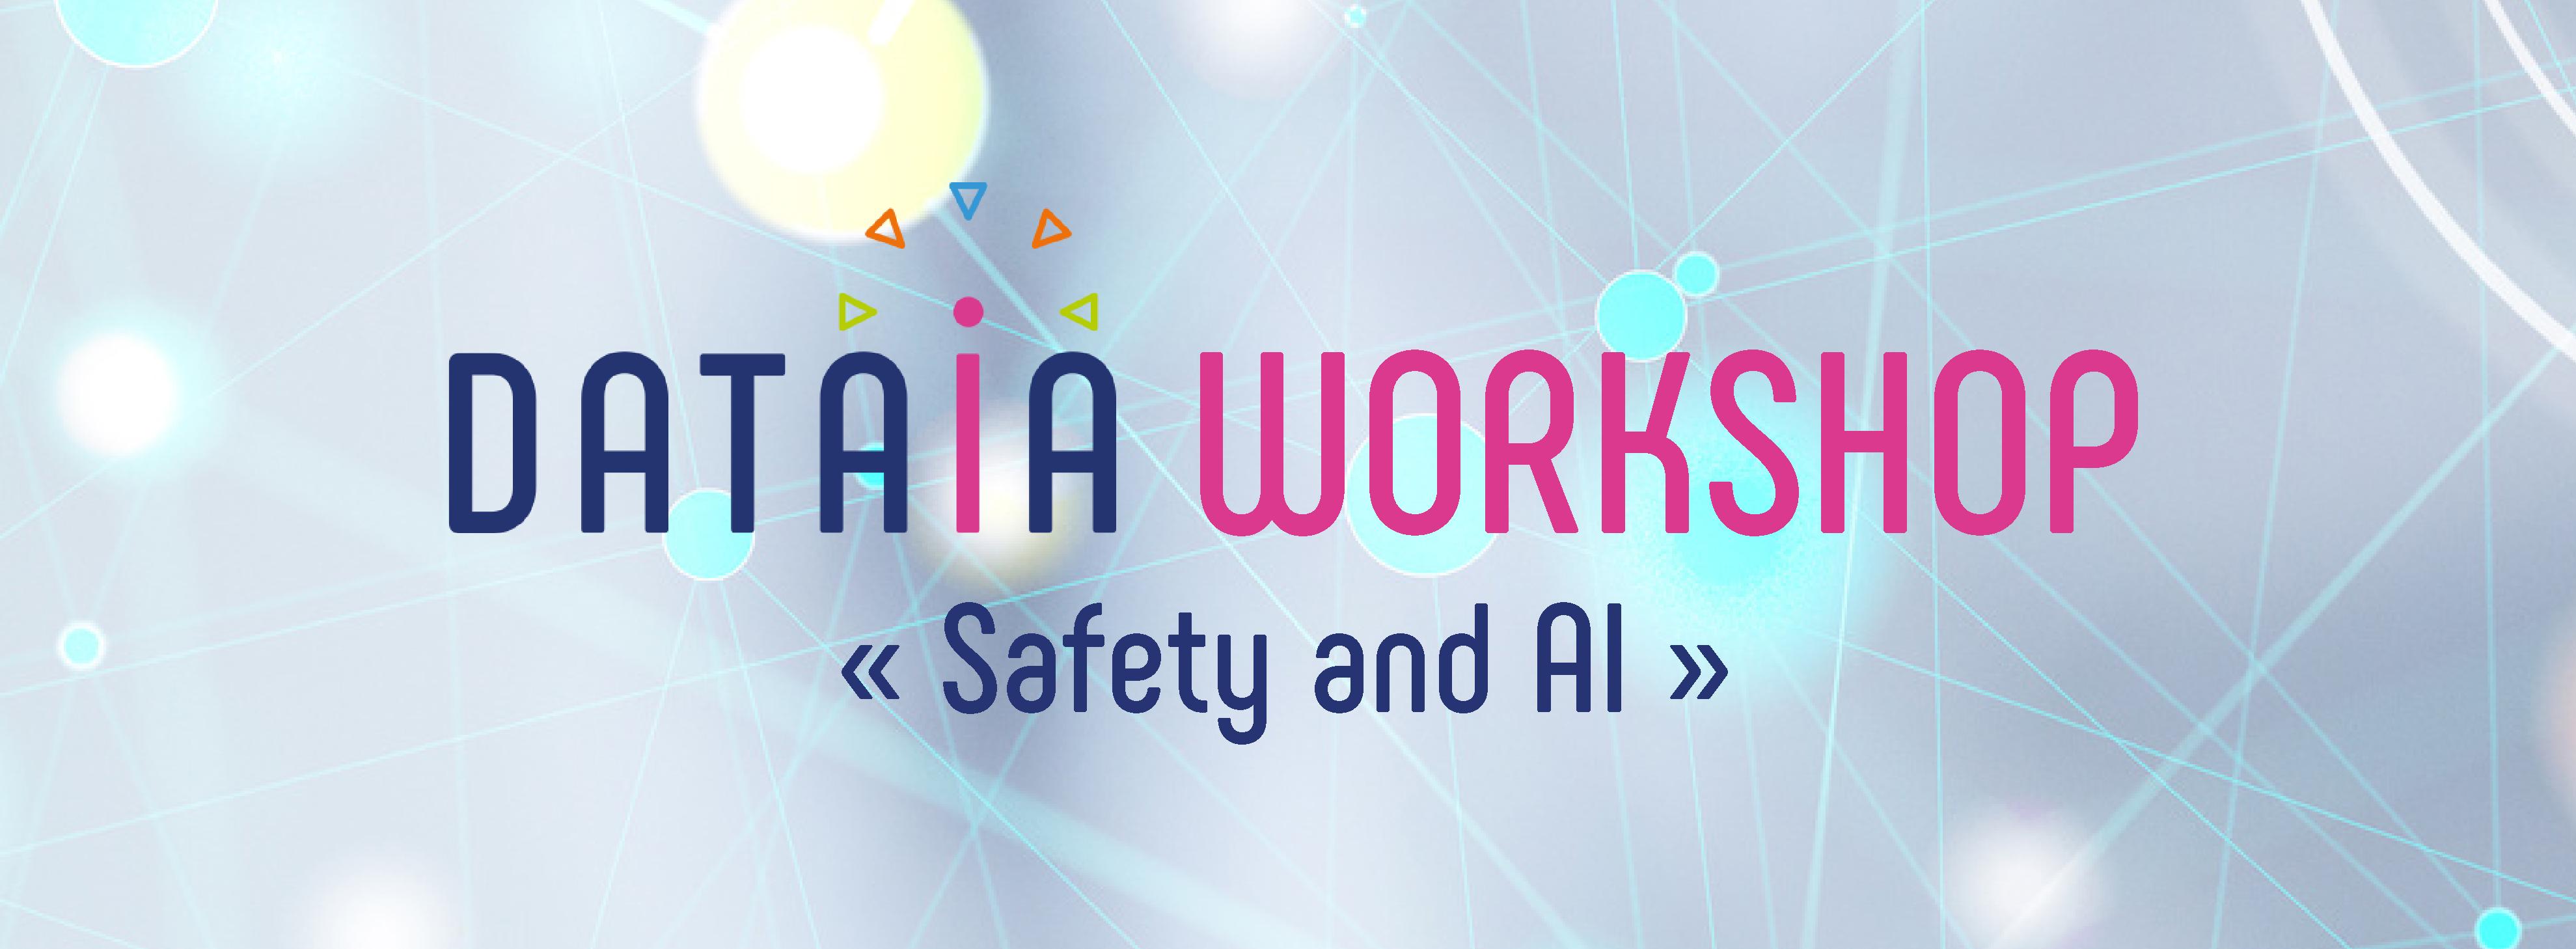 DATAIA Workshop « Safety & AI », le 23 septembre 2020